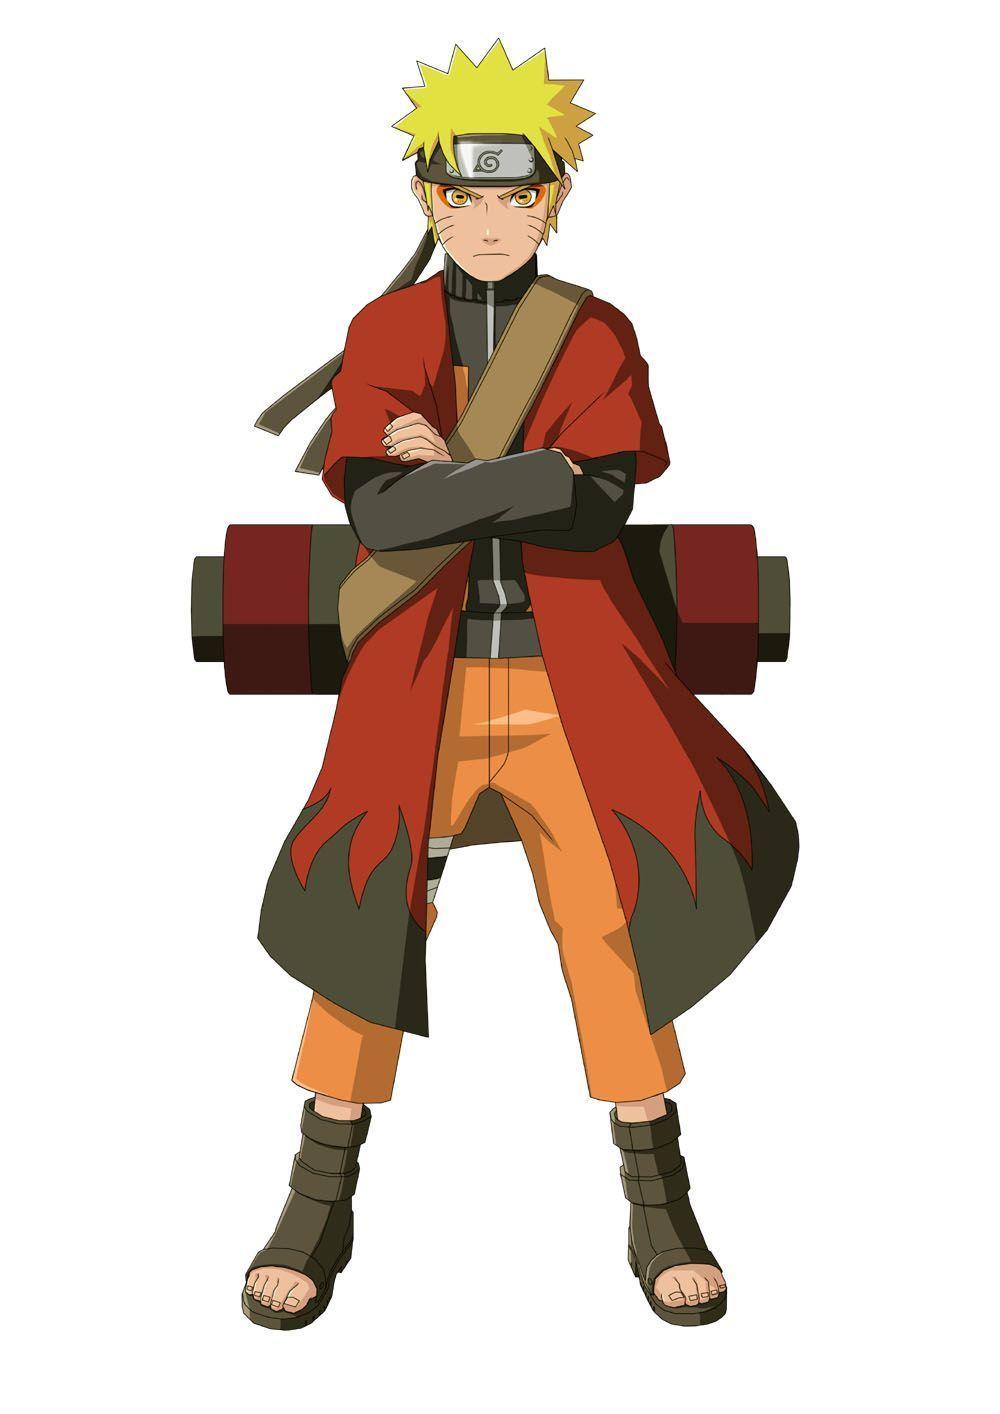 Naruto Uzumaki Sage Mode Wallpaper 1080p With Images Naruto